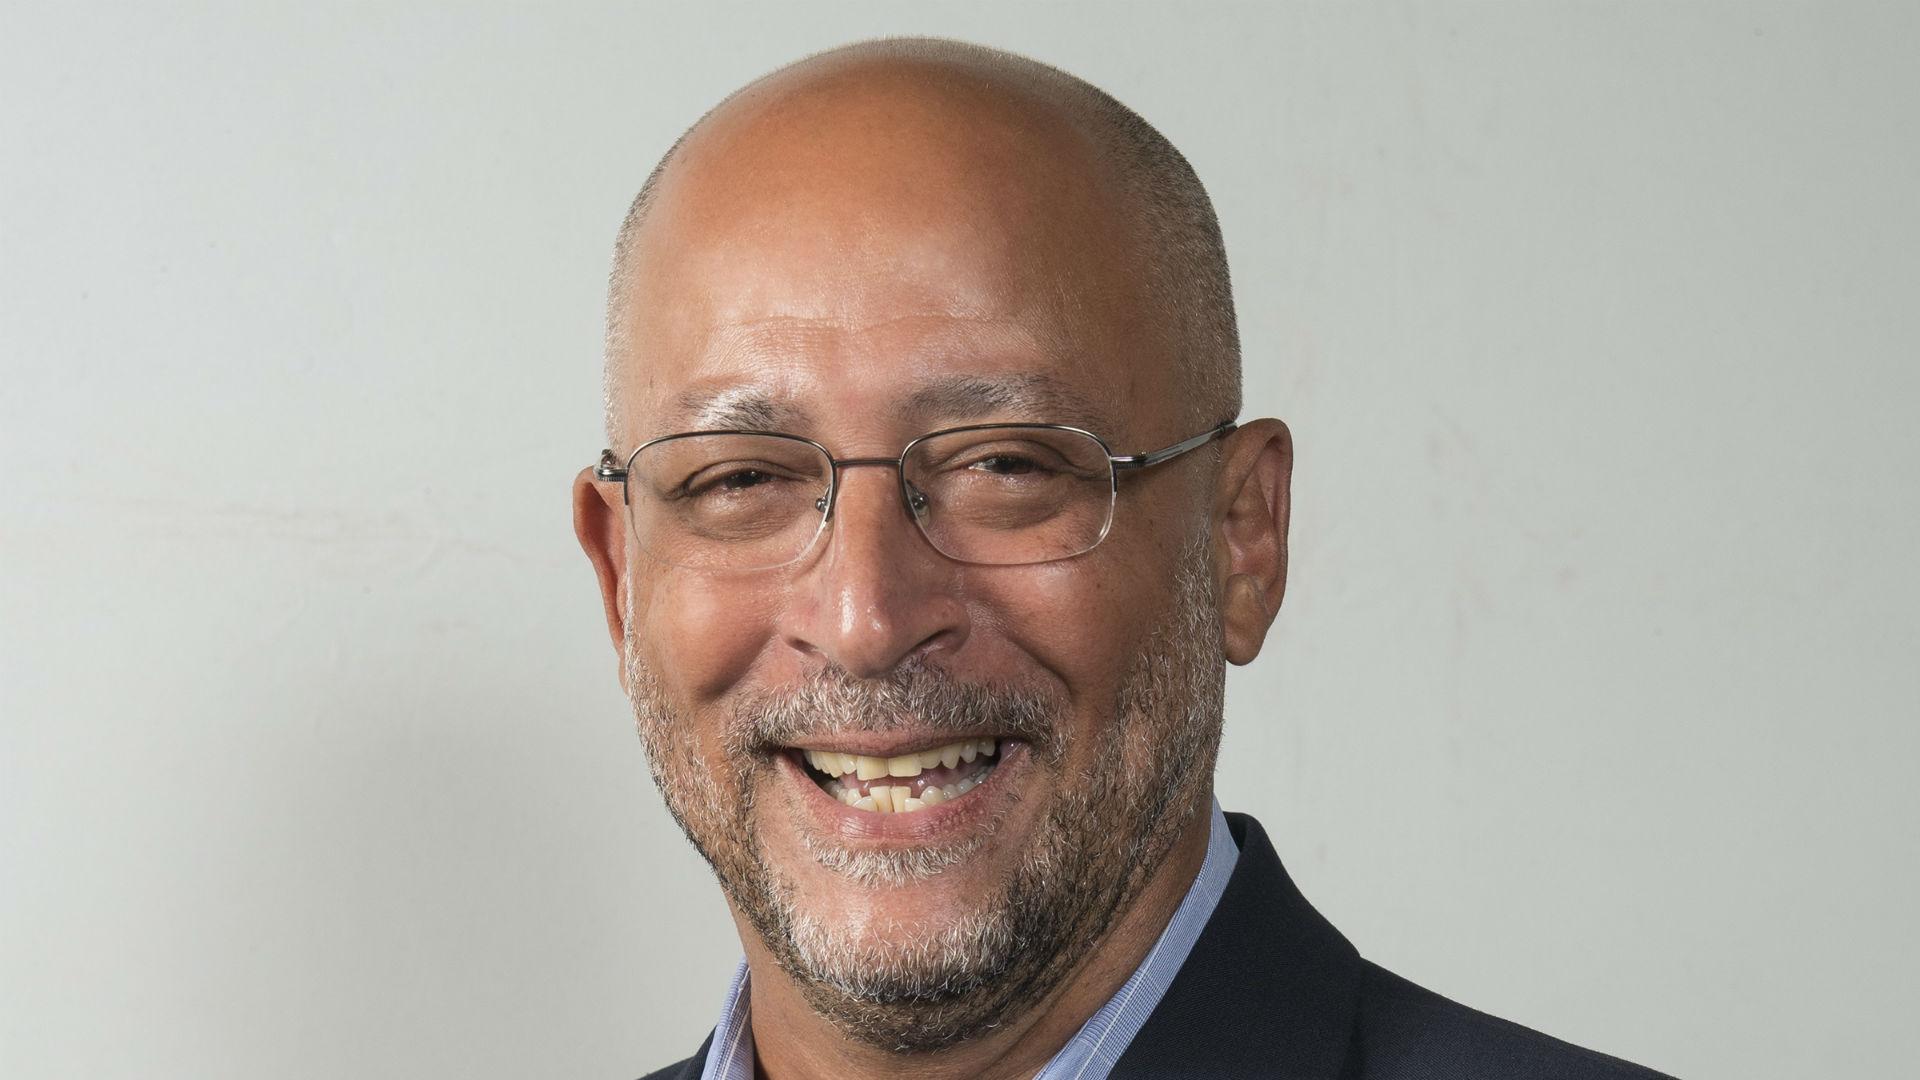 New CWI president Ricky Skerritt